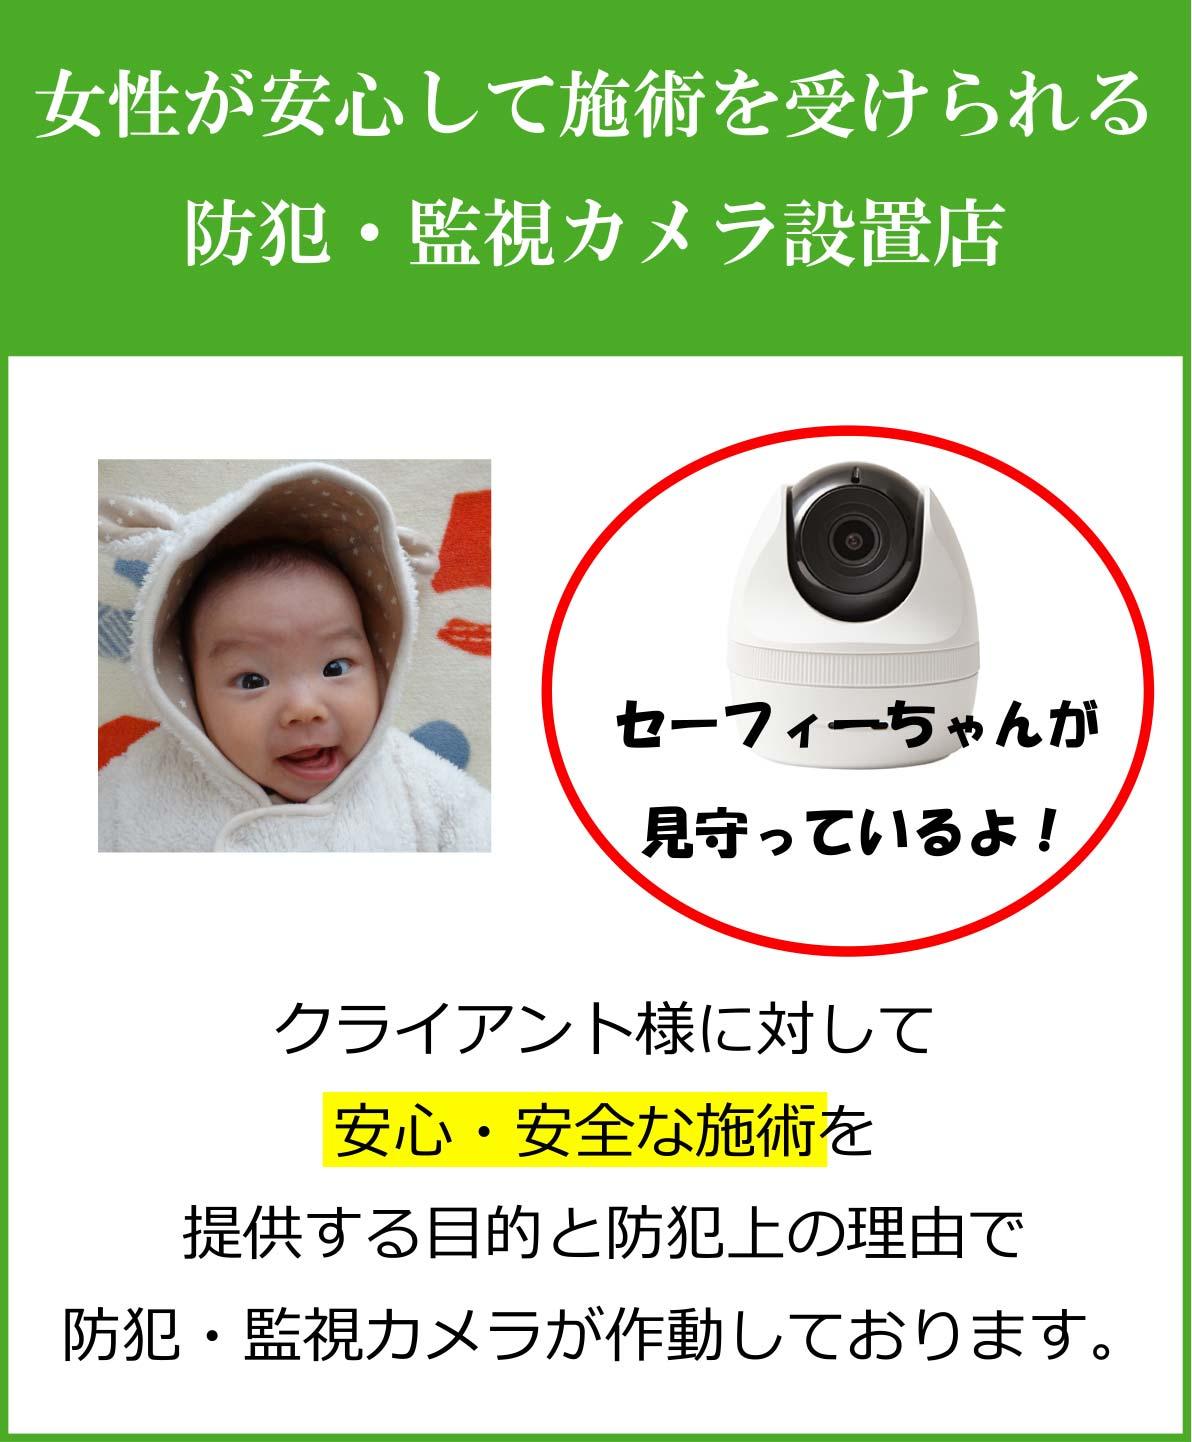 防犯カメラご協力のお願いgreen3.jpg